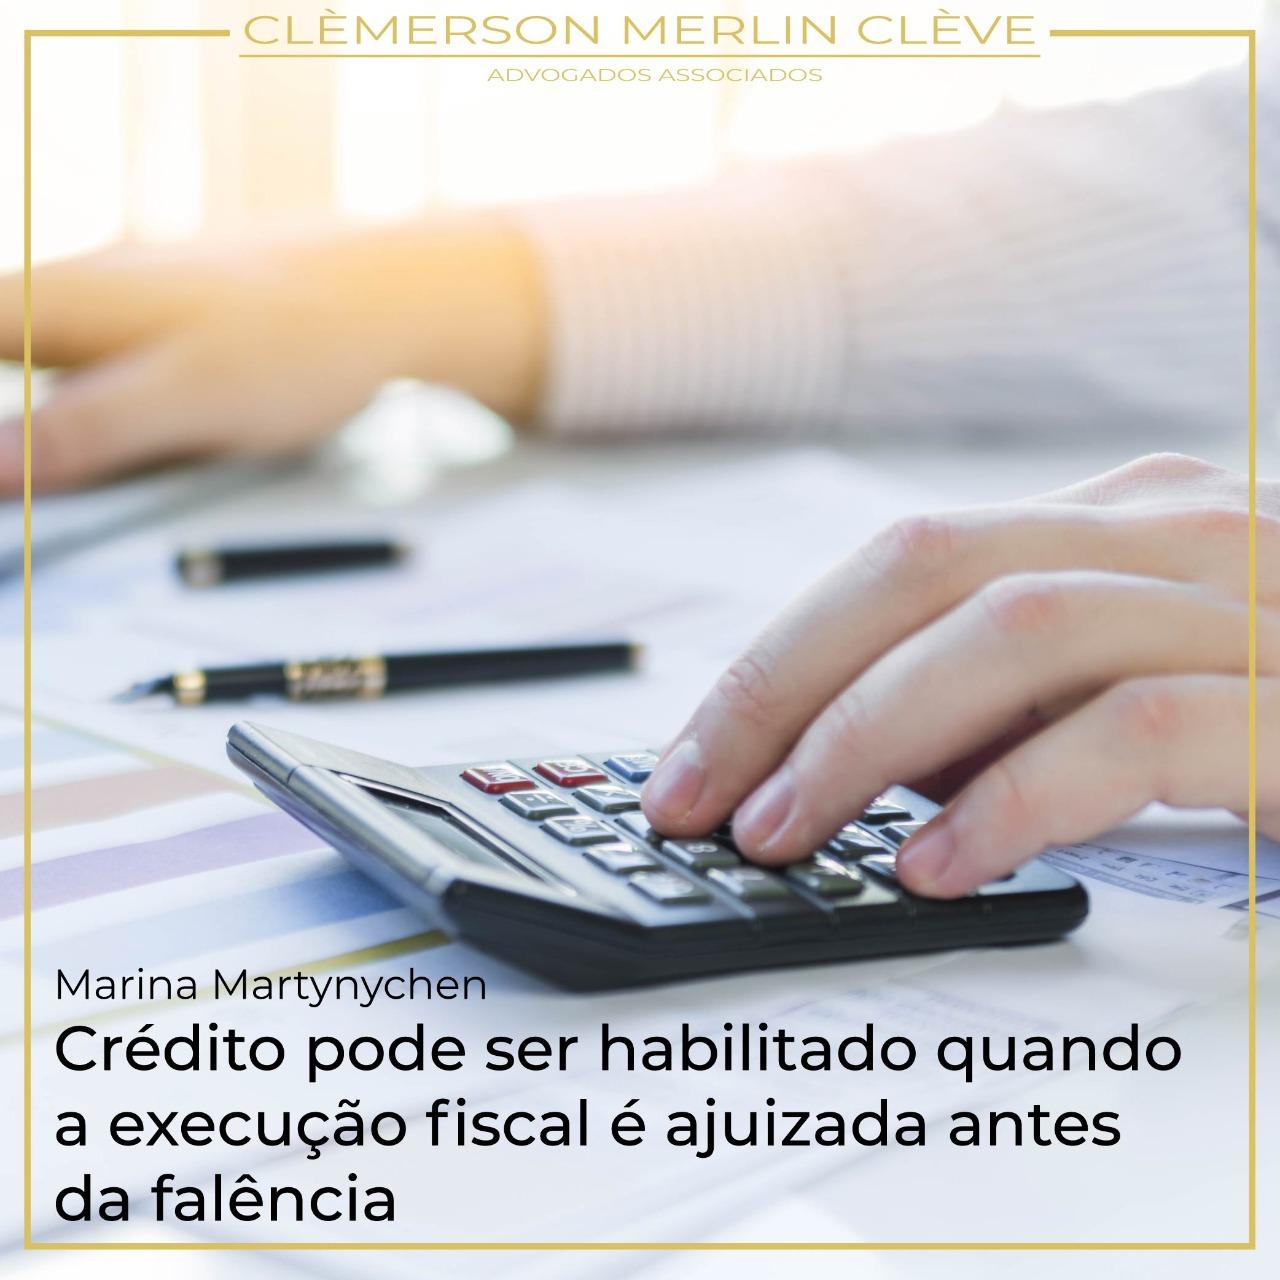 Crédito pode ser habilitado quando a execução fiscal é ajuizada antes da falência